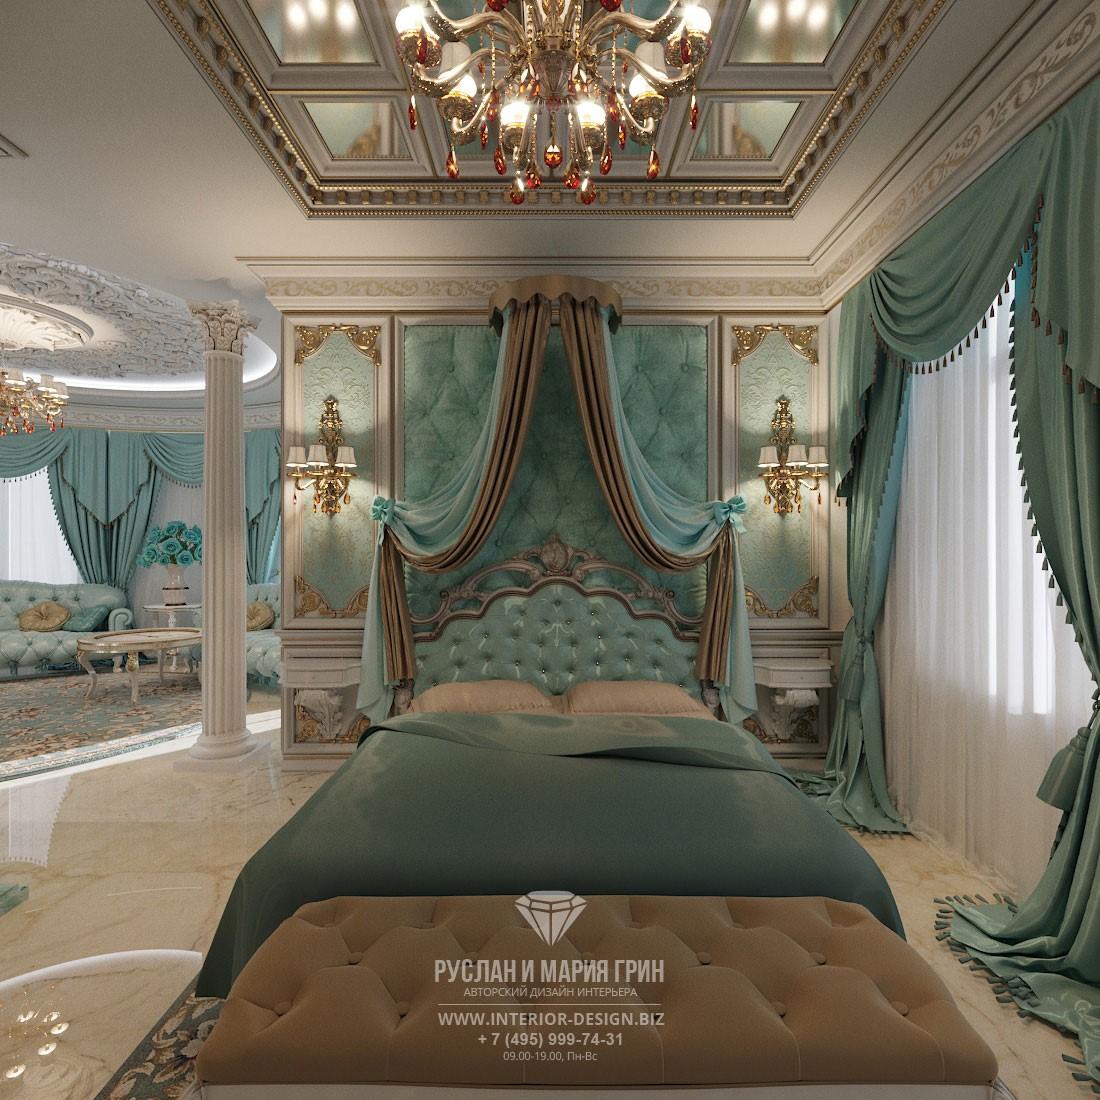 Дизайн бирюзовой спальни в классическом стиле с изящным балдахином